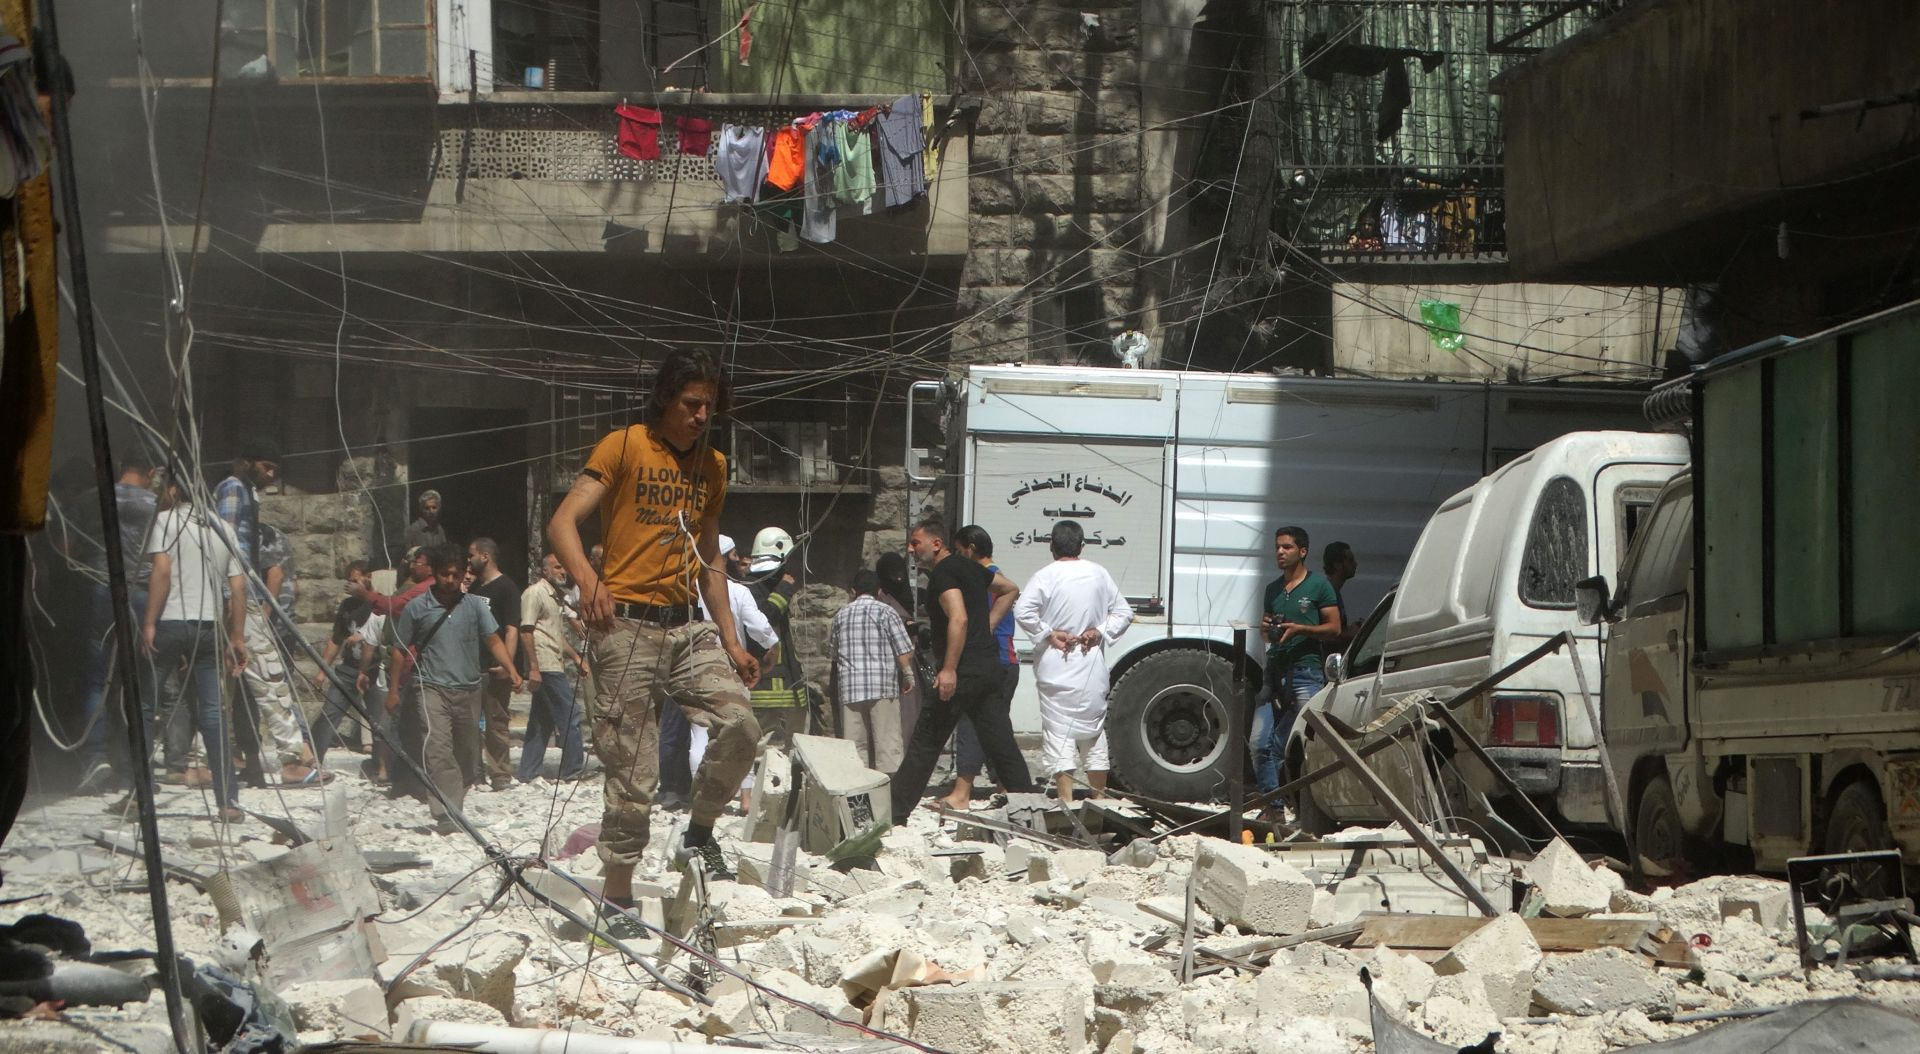 SIRIJA U pobunjeničkom granatiranju na Aleppo poginulo najmanje 19 osoba